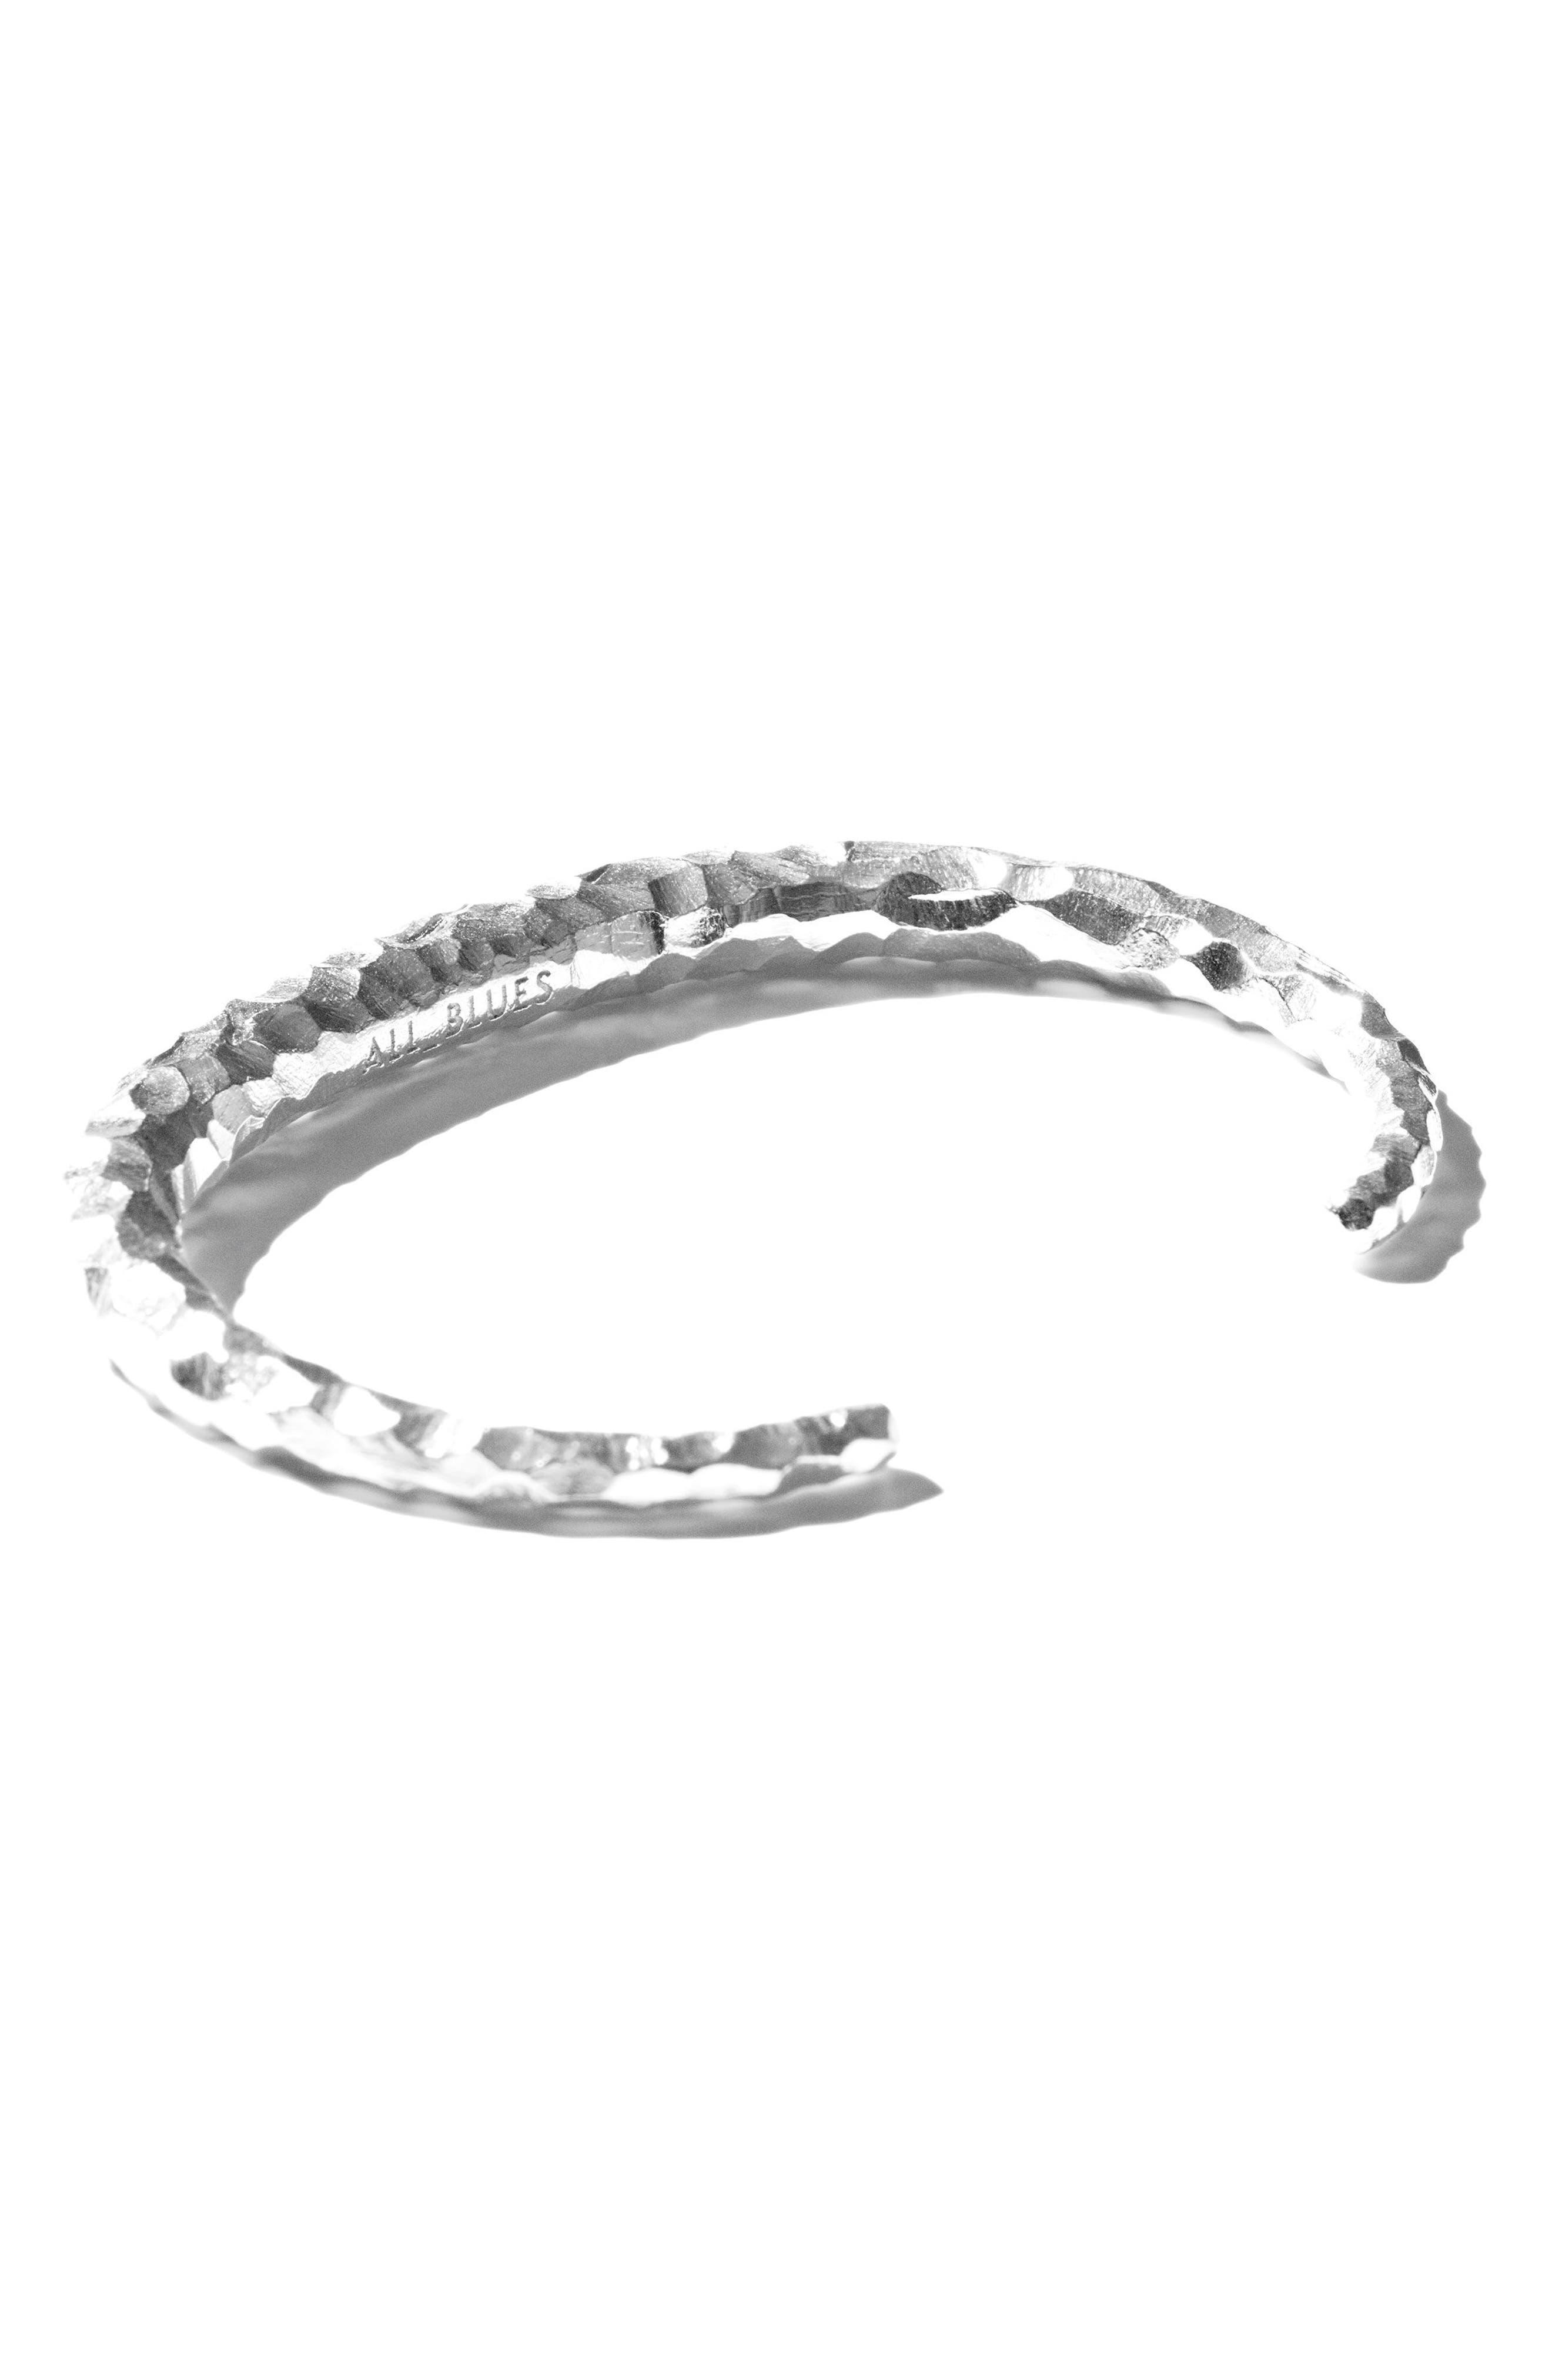 Large Snake Carved Silver Bracelet,                             Alternate thumbnail 3, color,                             CARVED SILVER